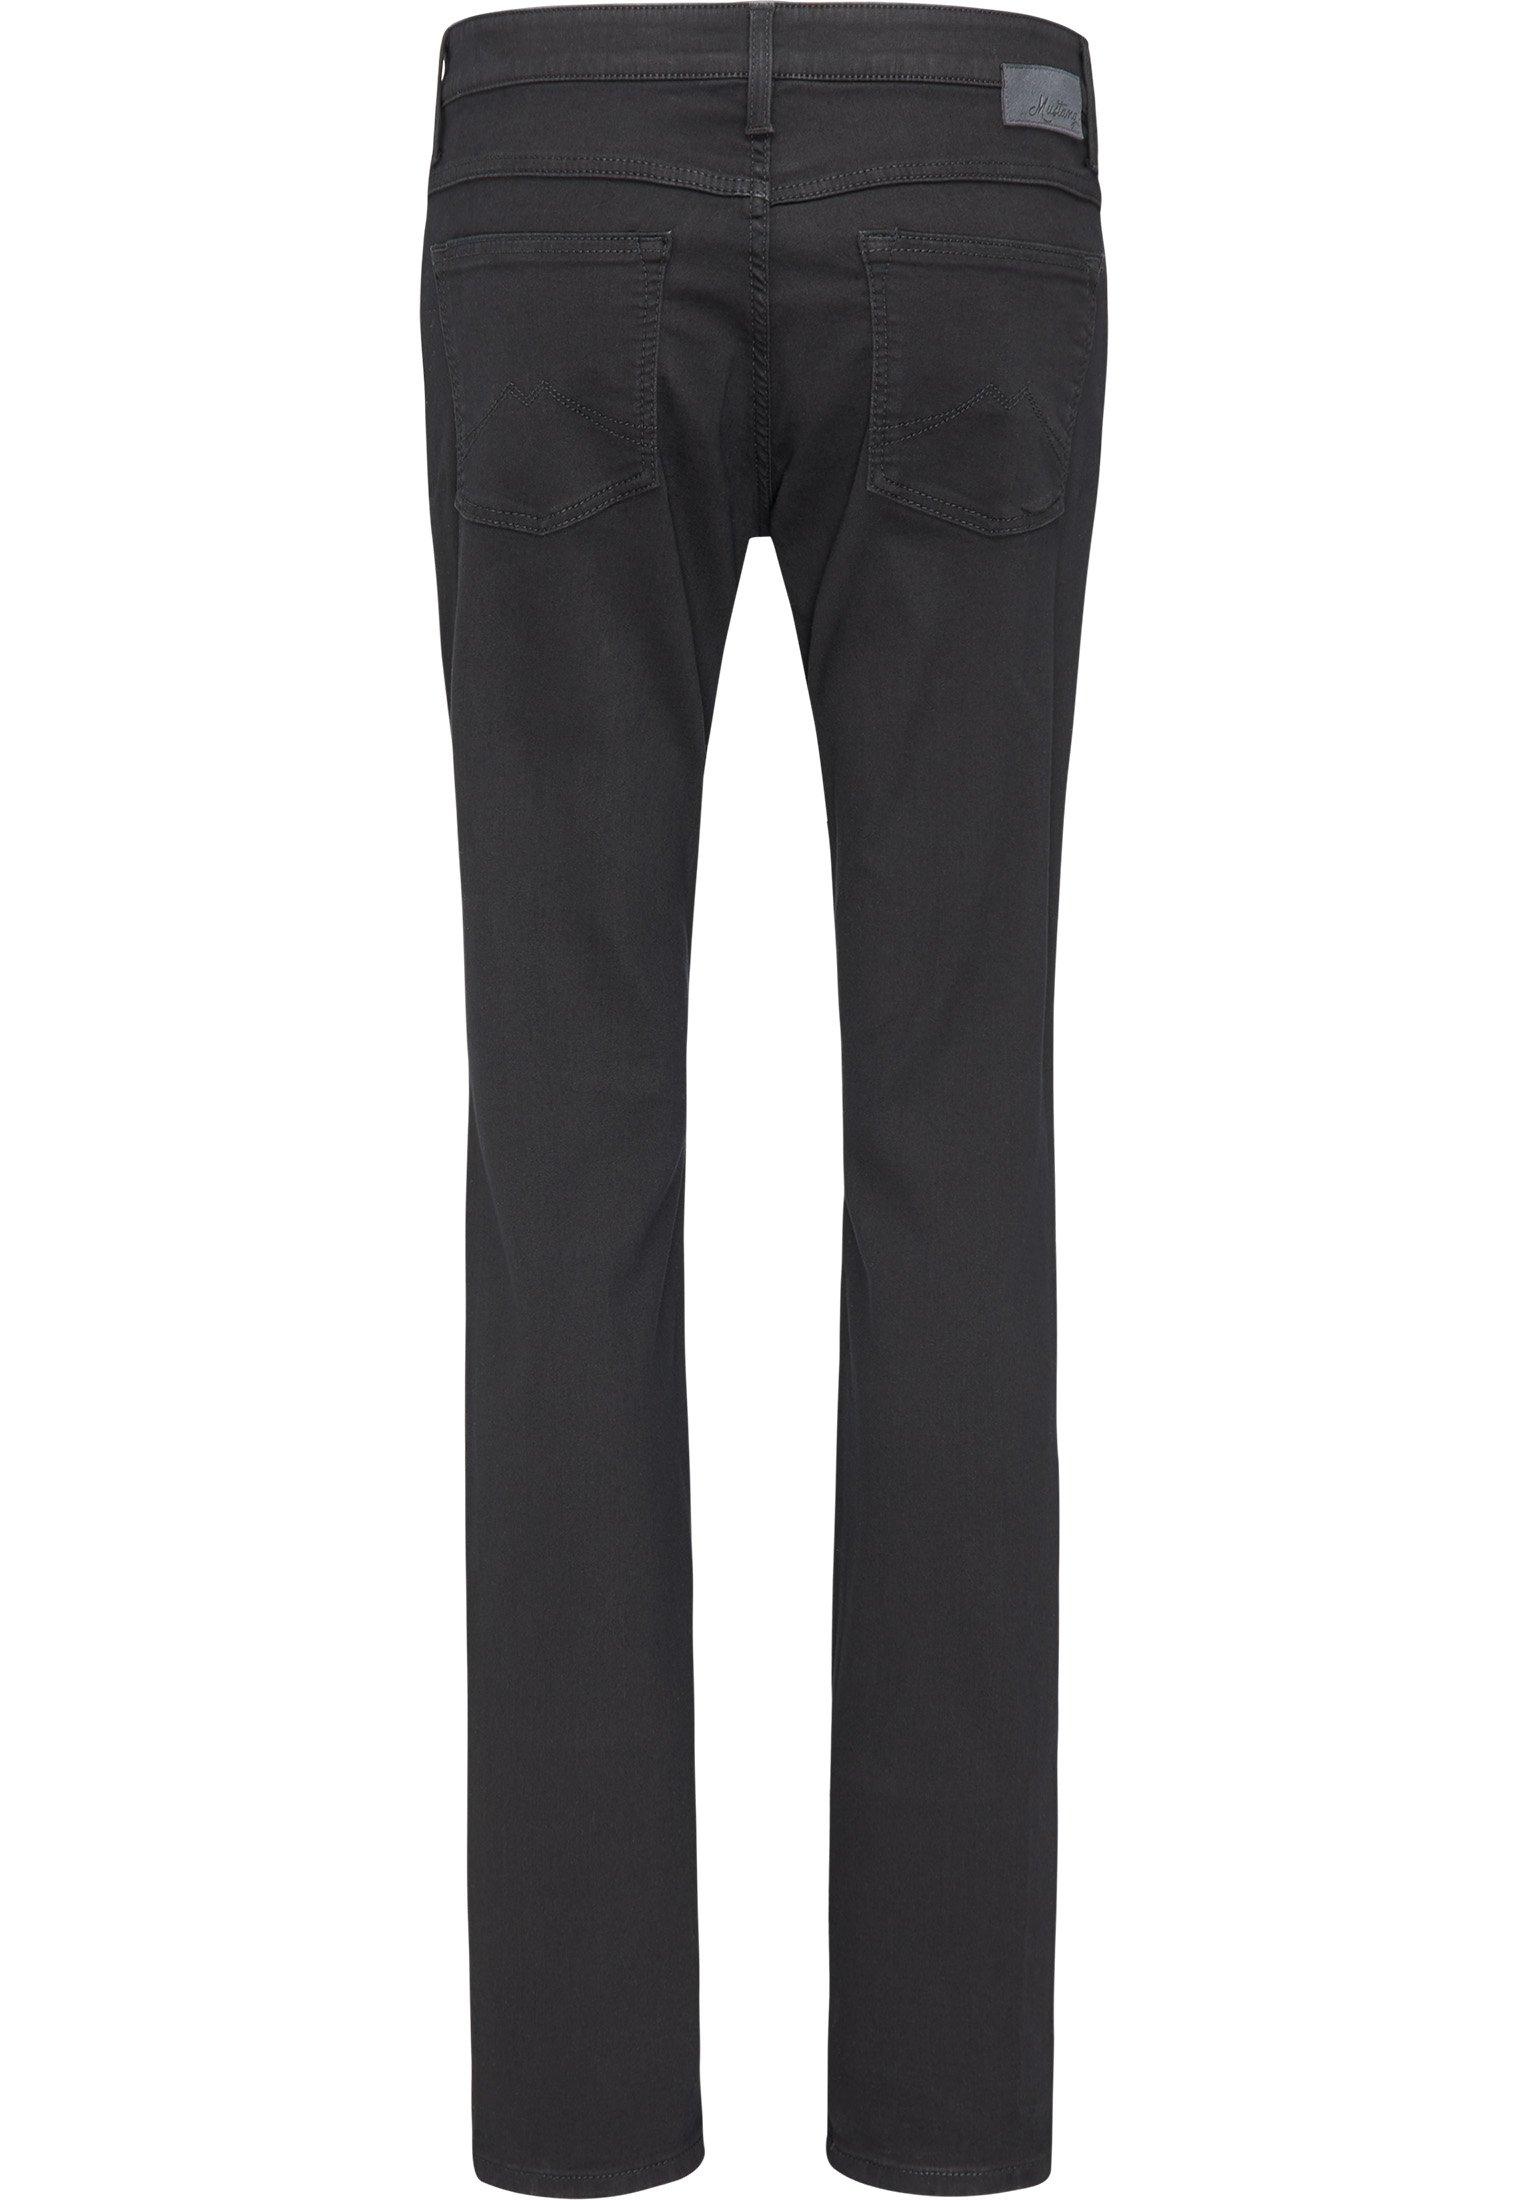 MUSTANG jeans »Sissy Slim« goedkoop op otto.nl kopen